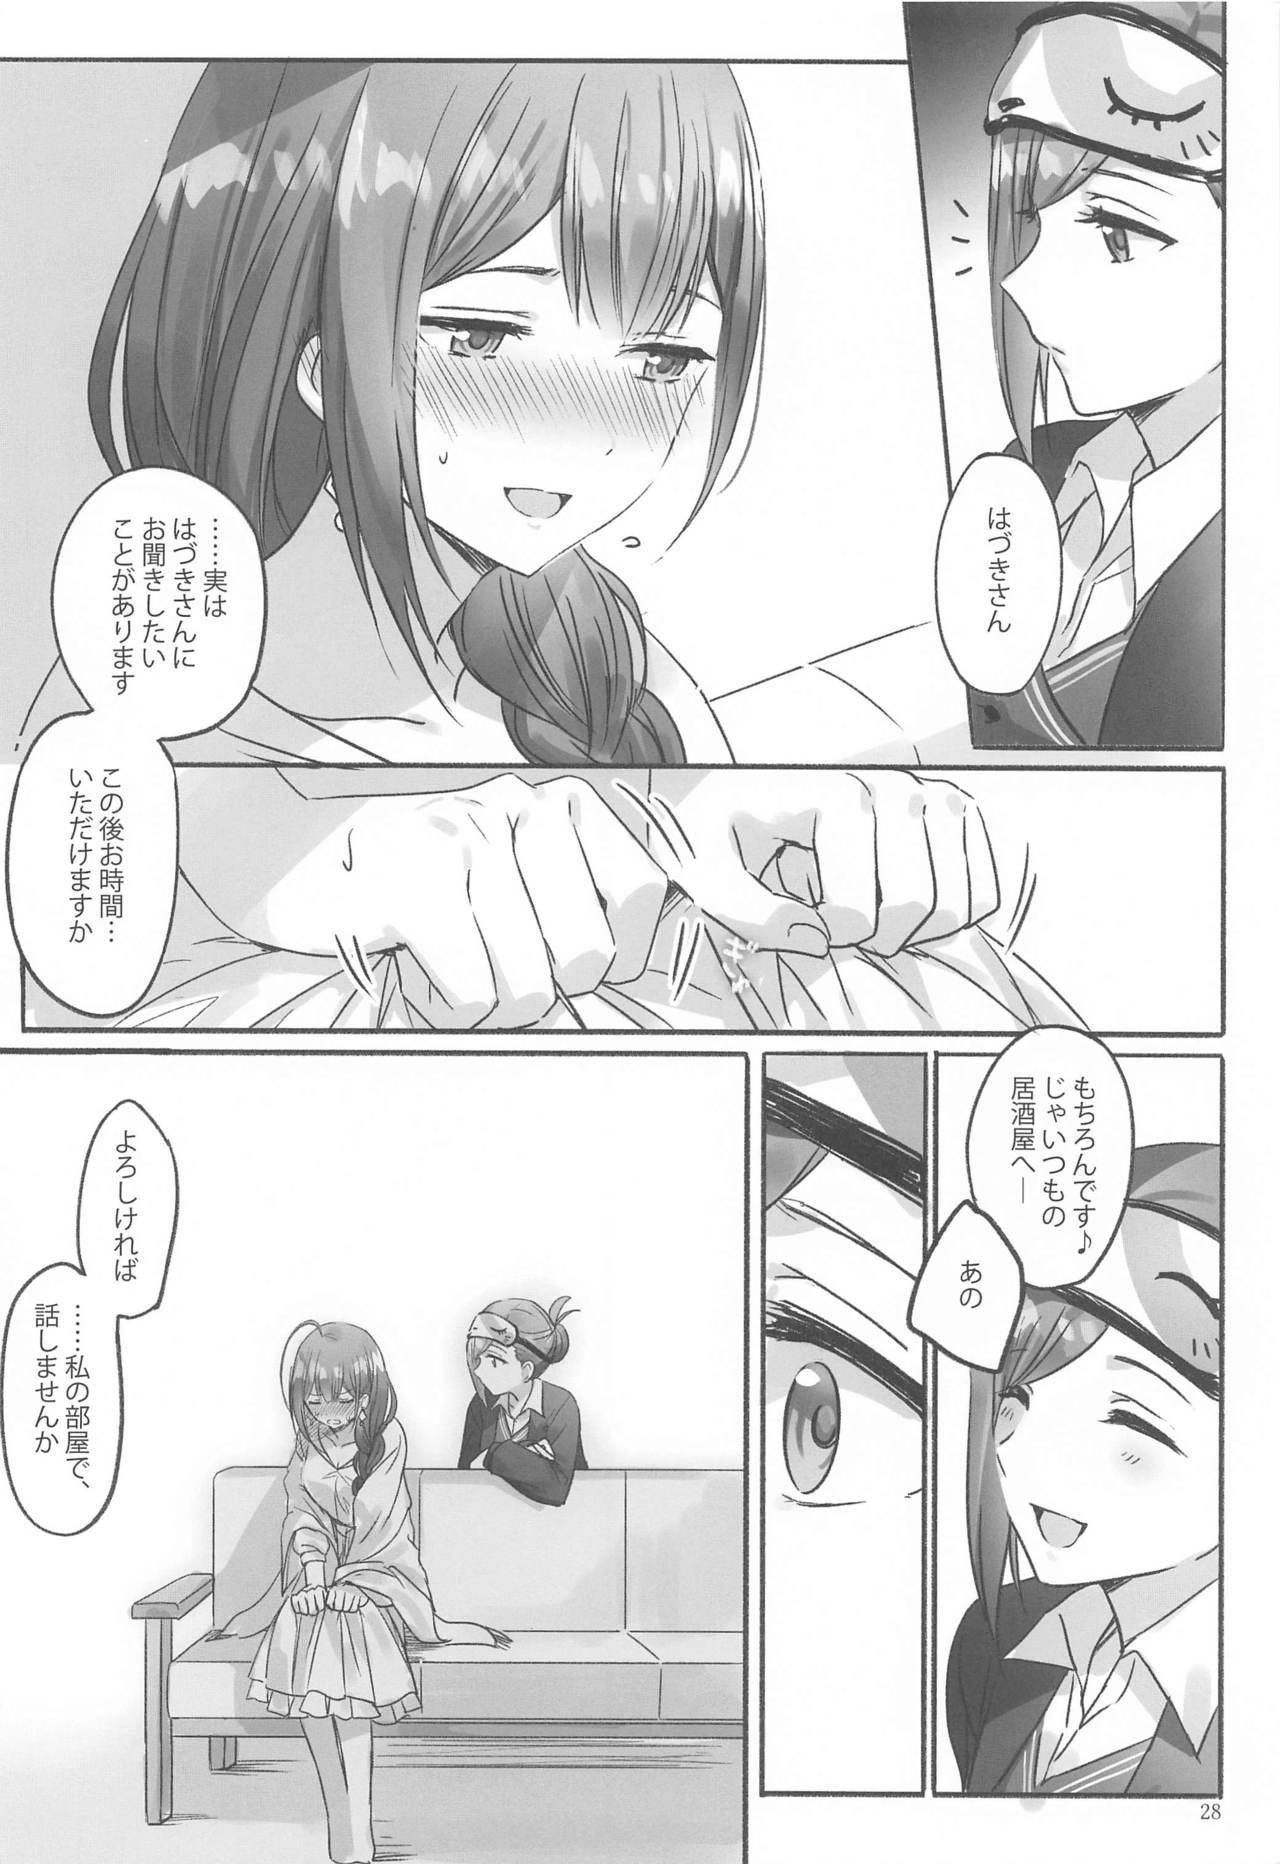 Himitsu 28